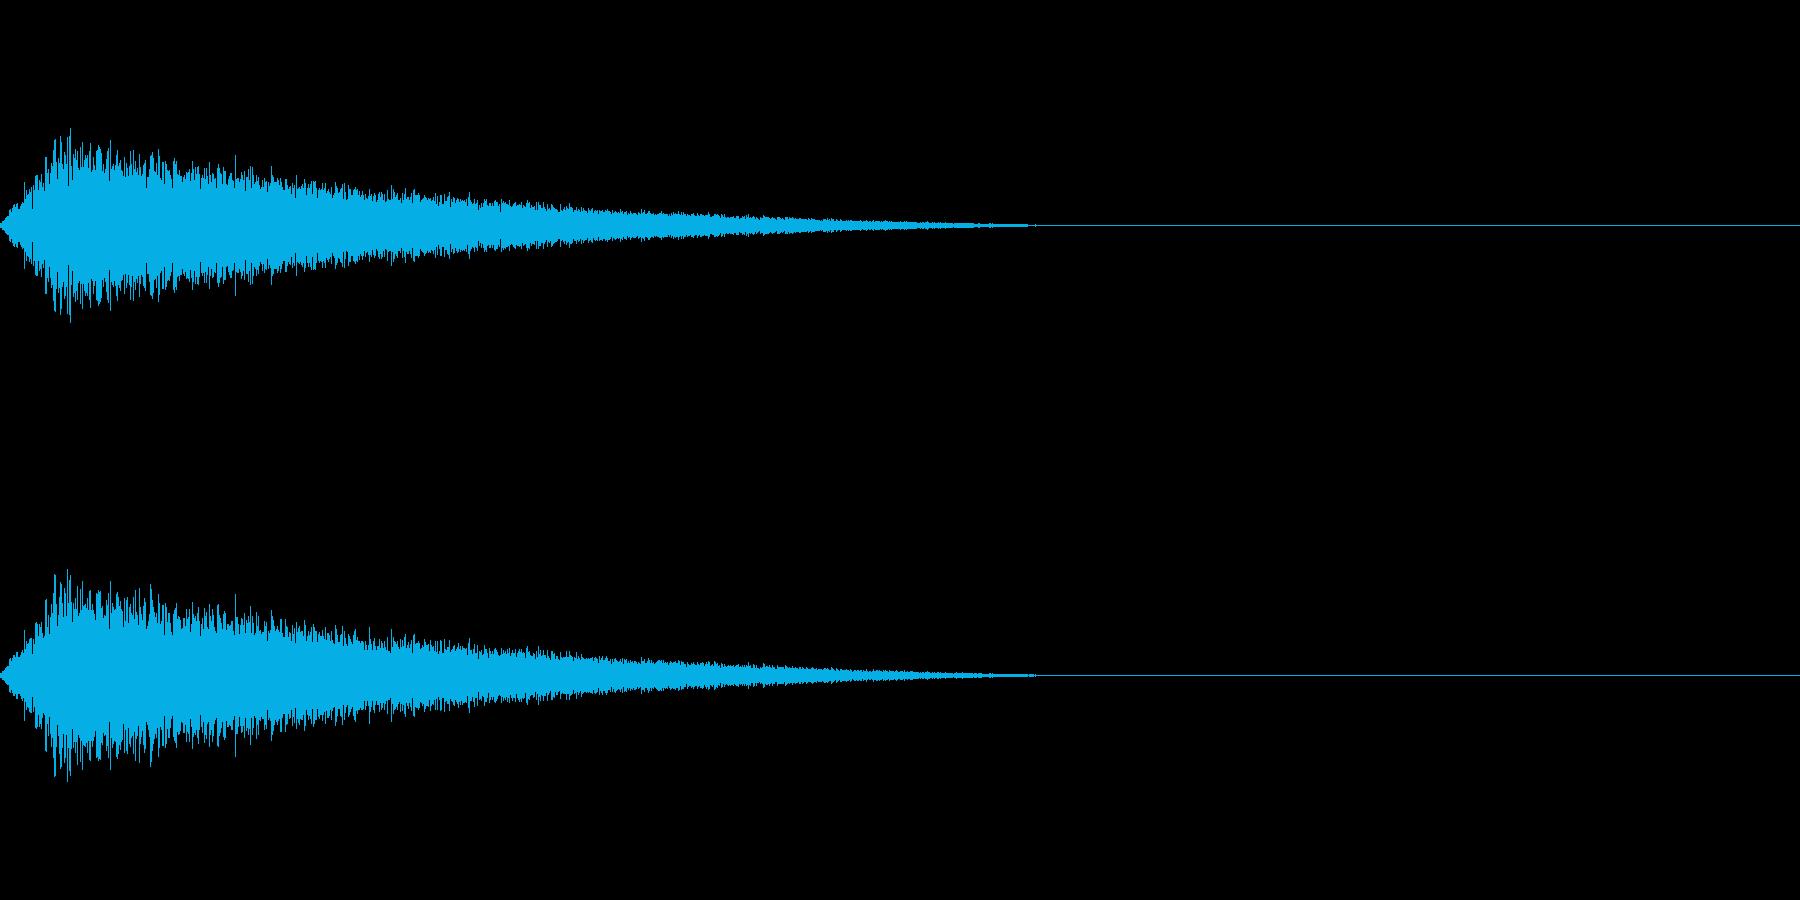 ロケットが飛び出すような音の再生済みの波形